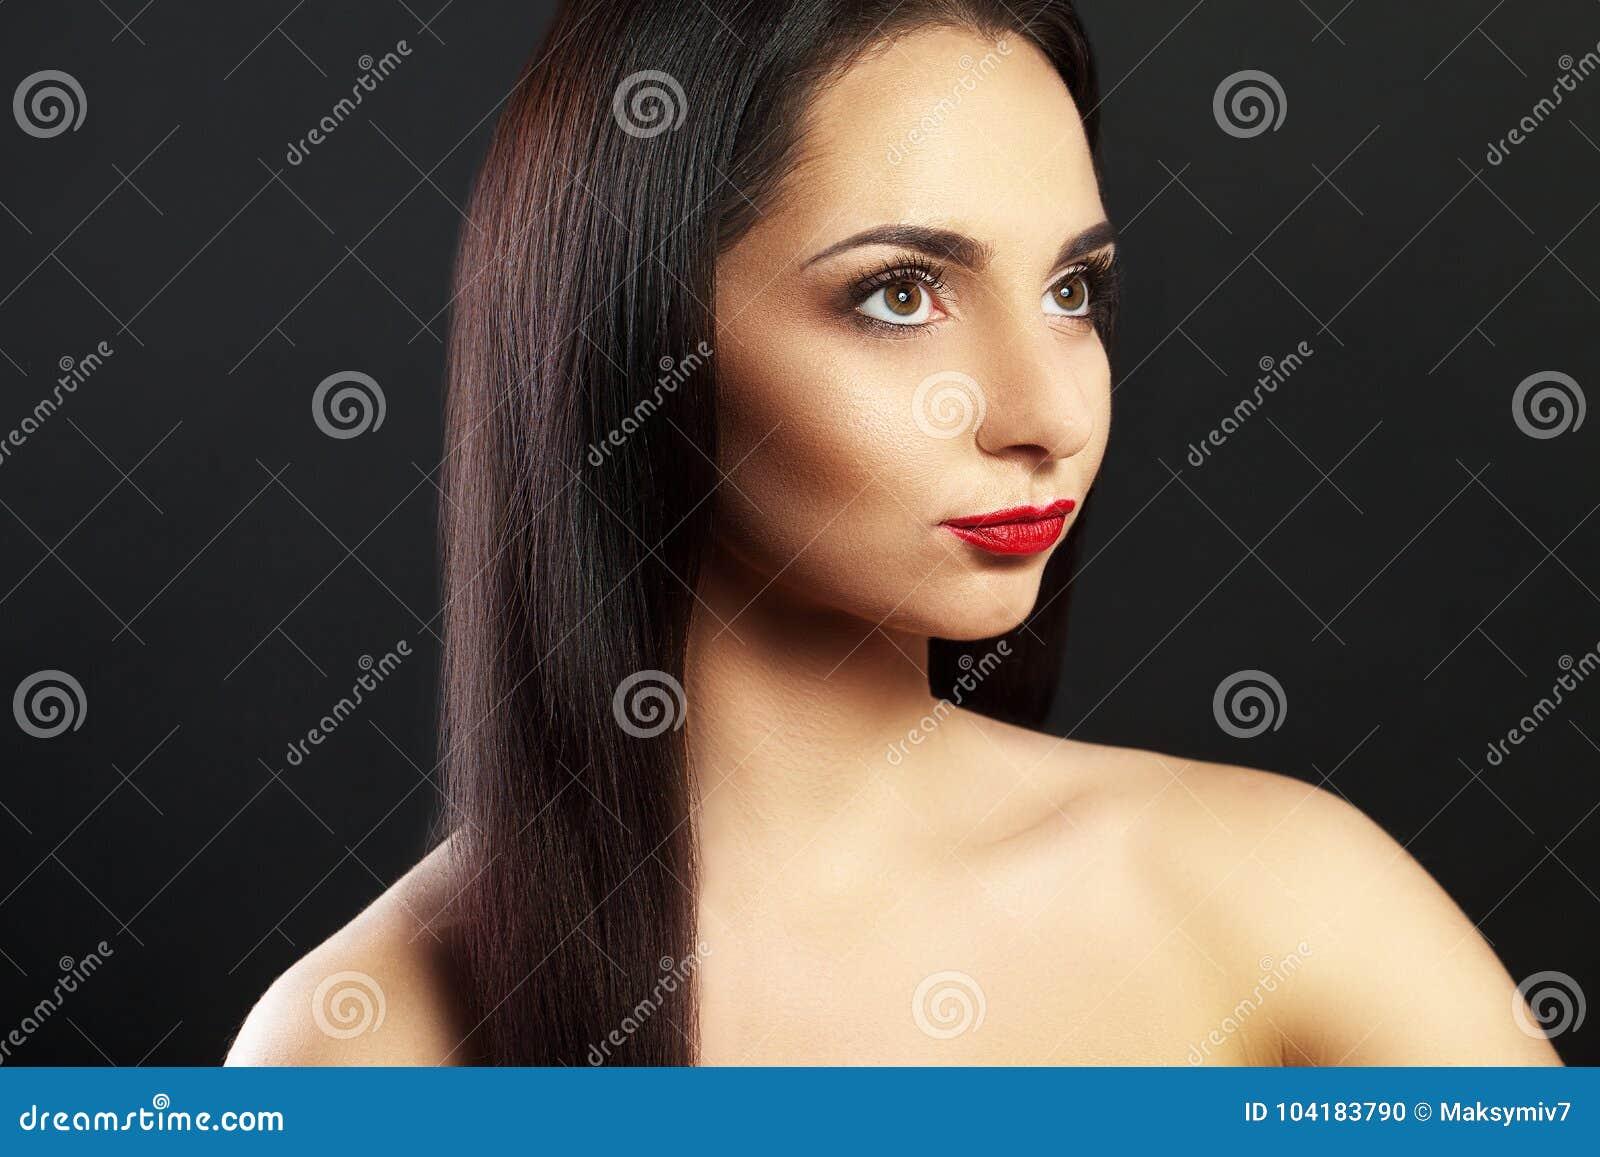 Πορτρέτο ενός όμορφου κοριτσιού Επαγγελματικό Makeup χειλικό κόκκινο nude Σε μια μαύρη ανασκόπηση μεγάλο τρίχωμα